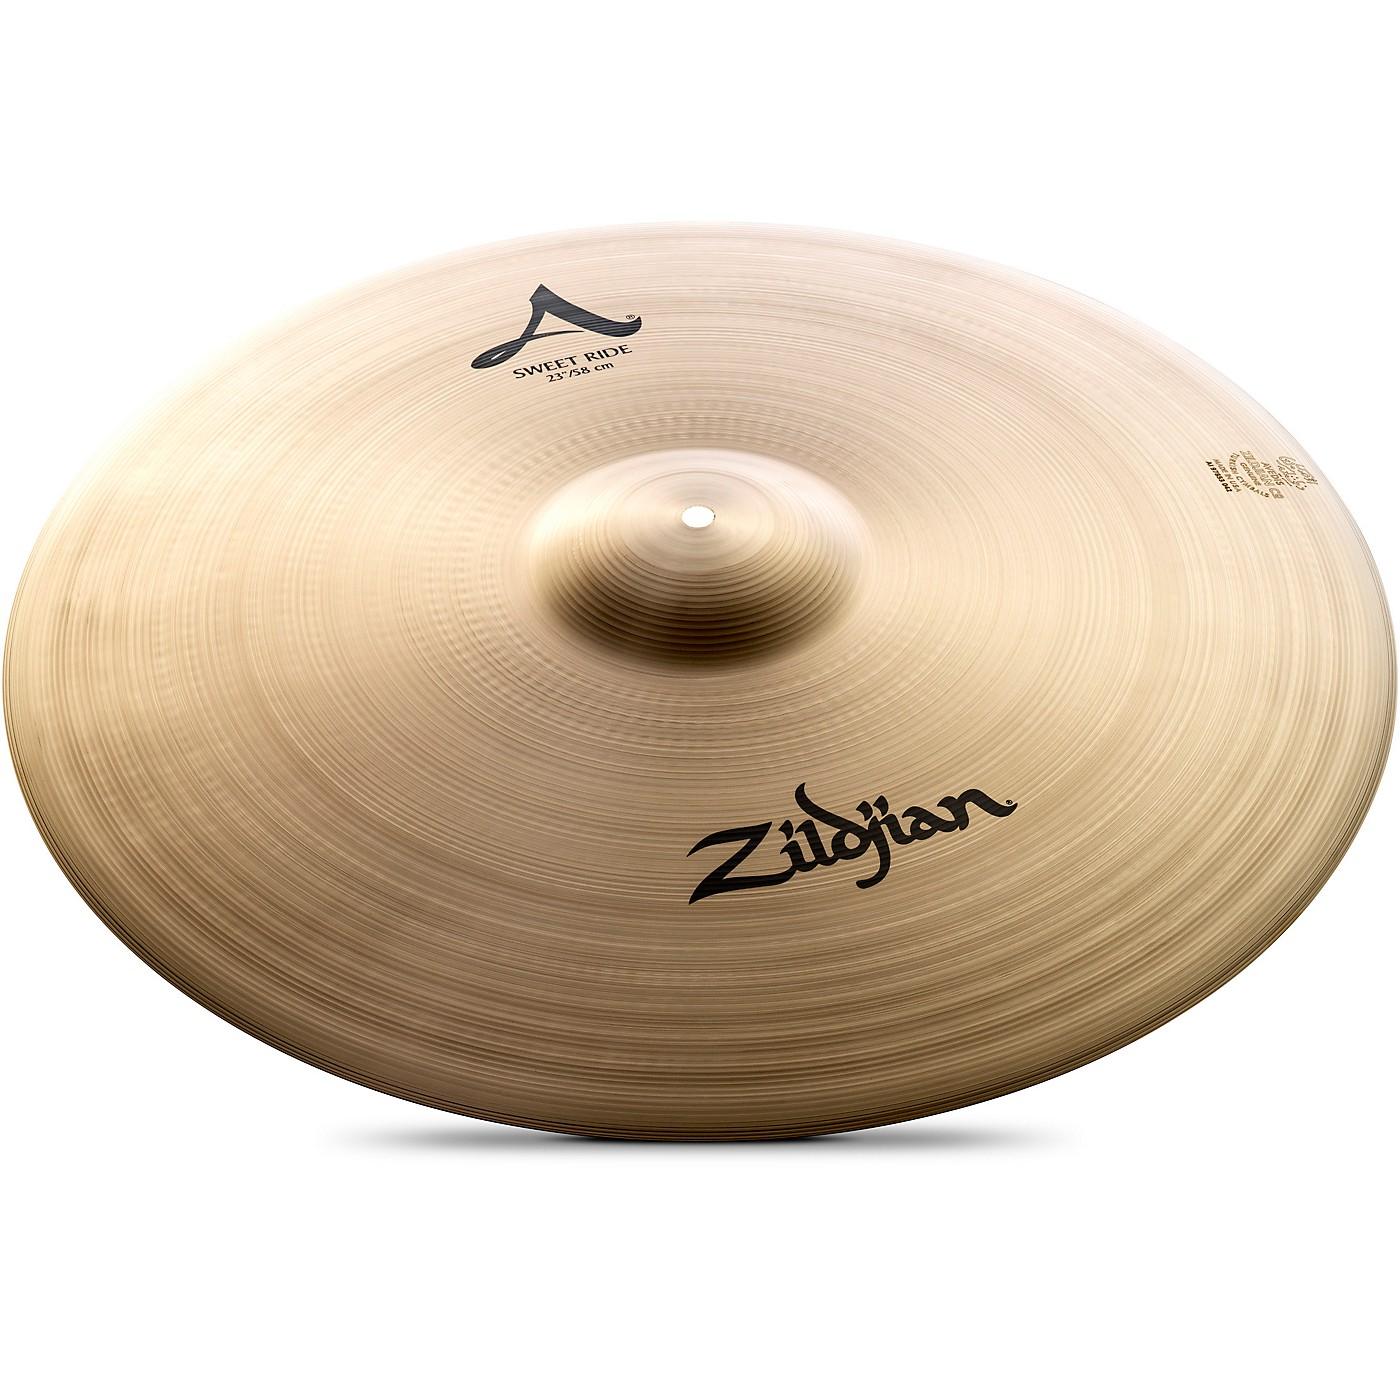 Zildjian A Series Sweet Ride Cymbal thumbnail